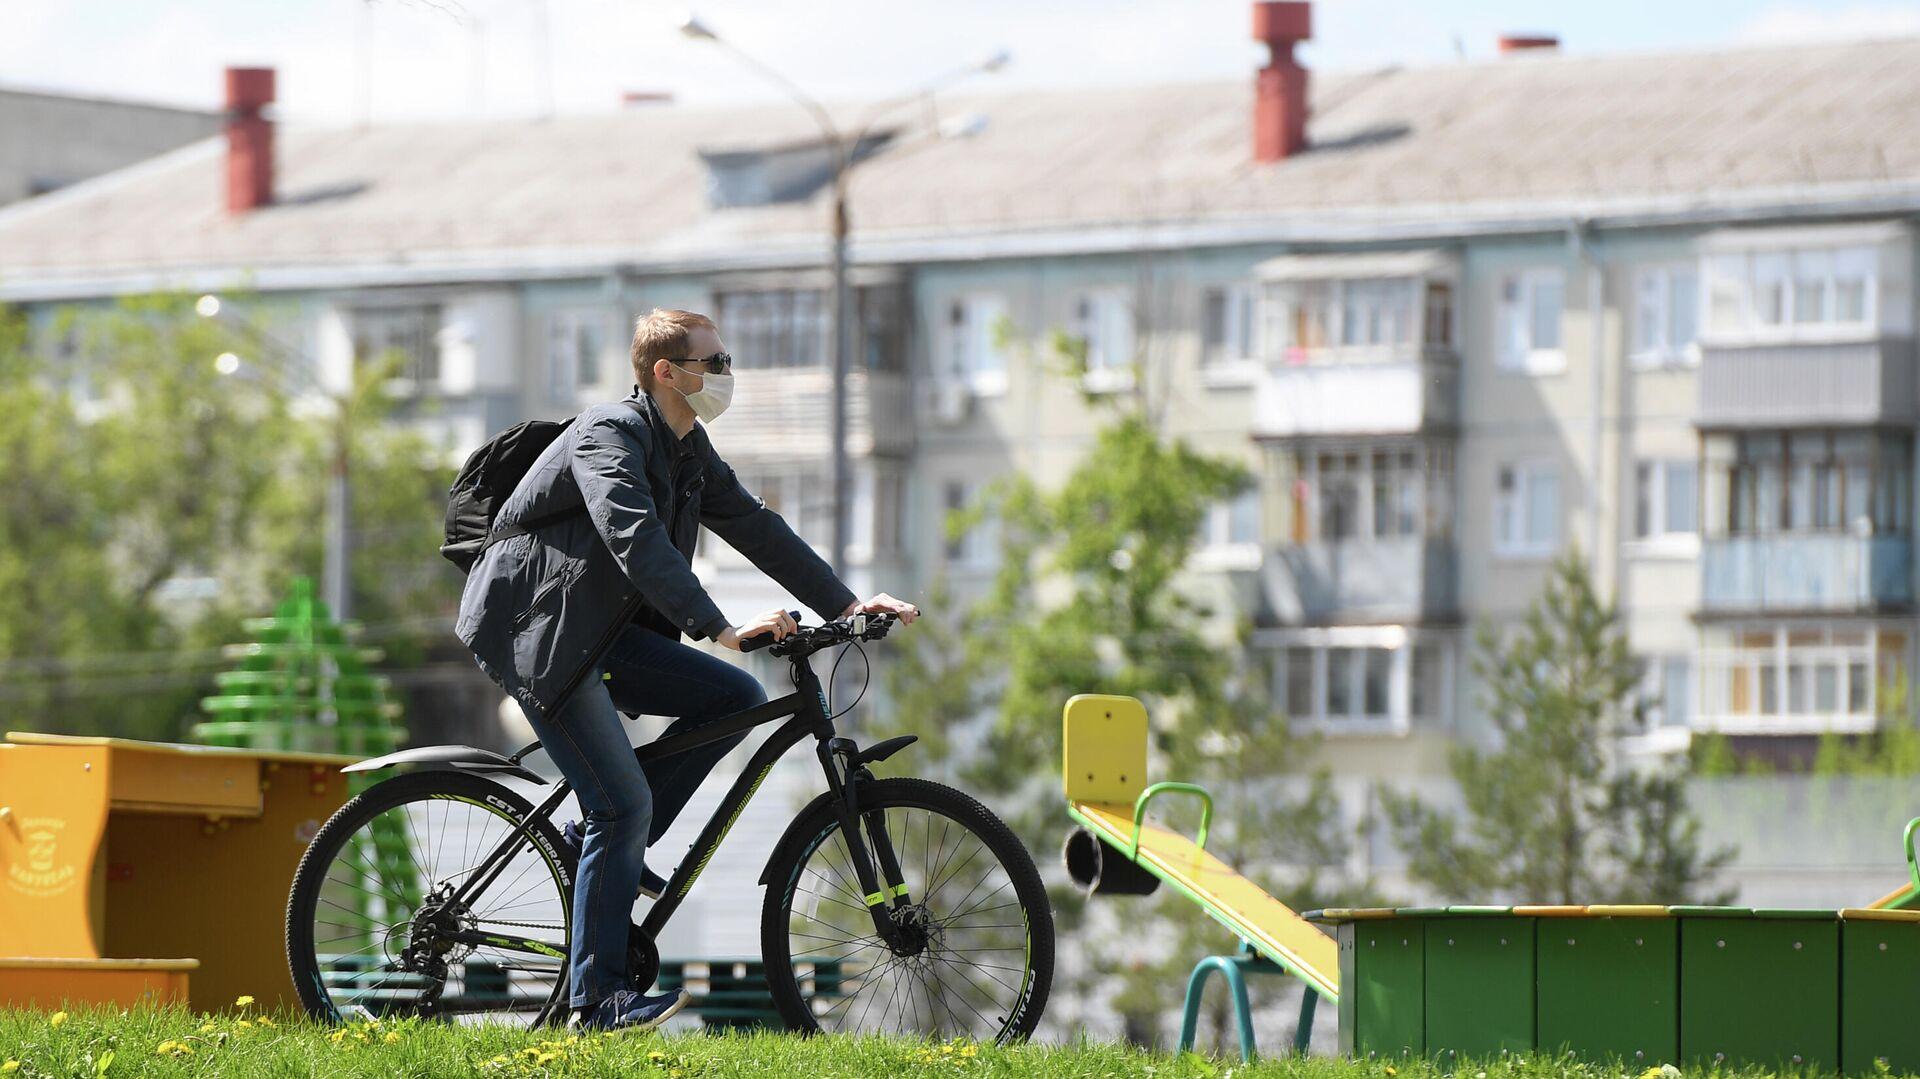 Мужчина едет на велосипеде в Казани - РИА Новости, 1920, 11.08.2020